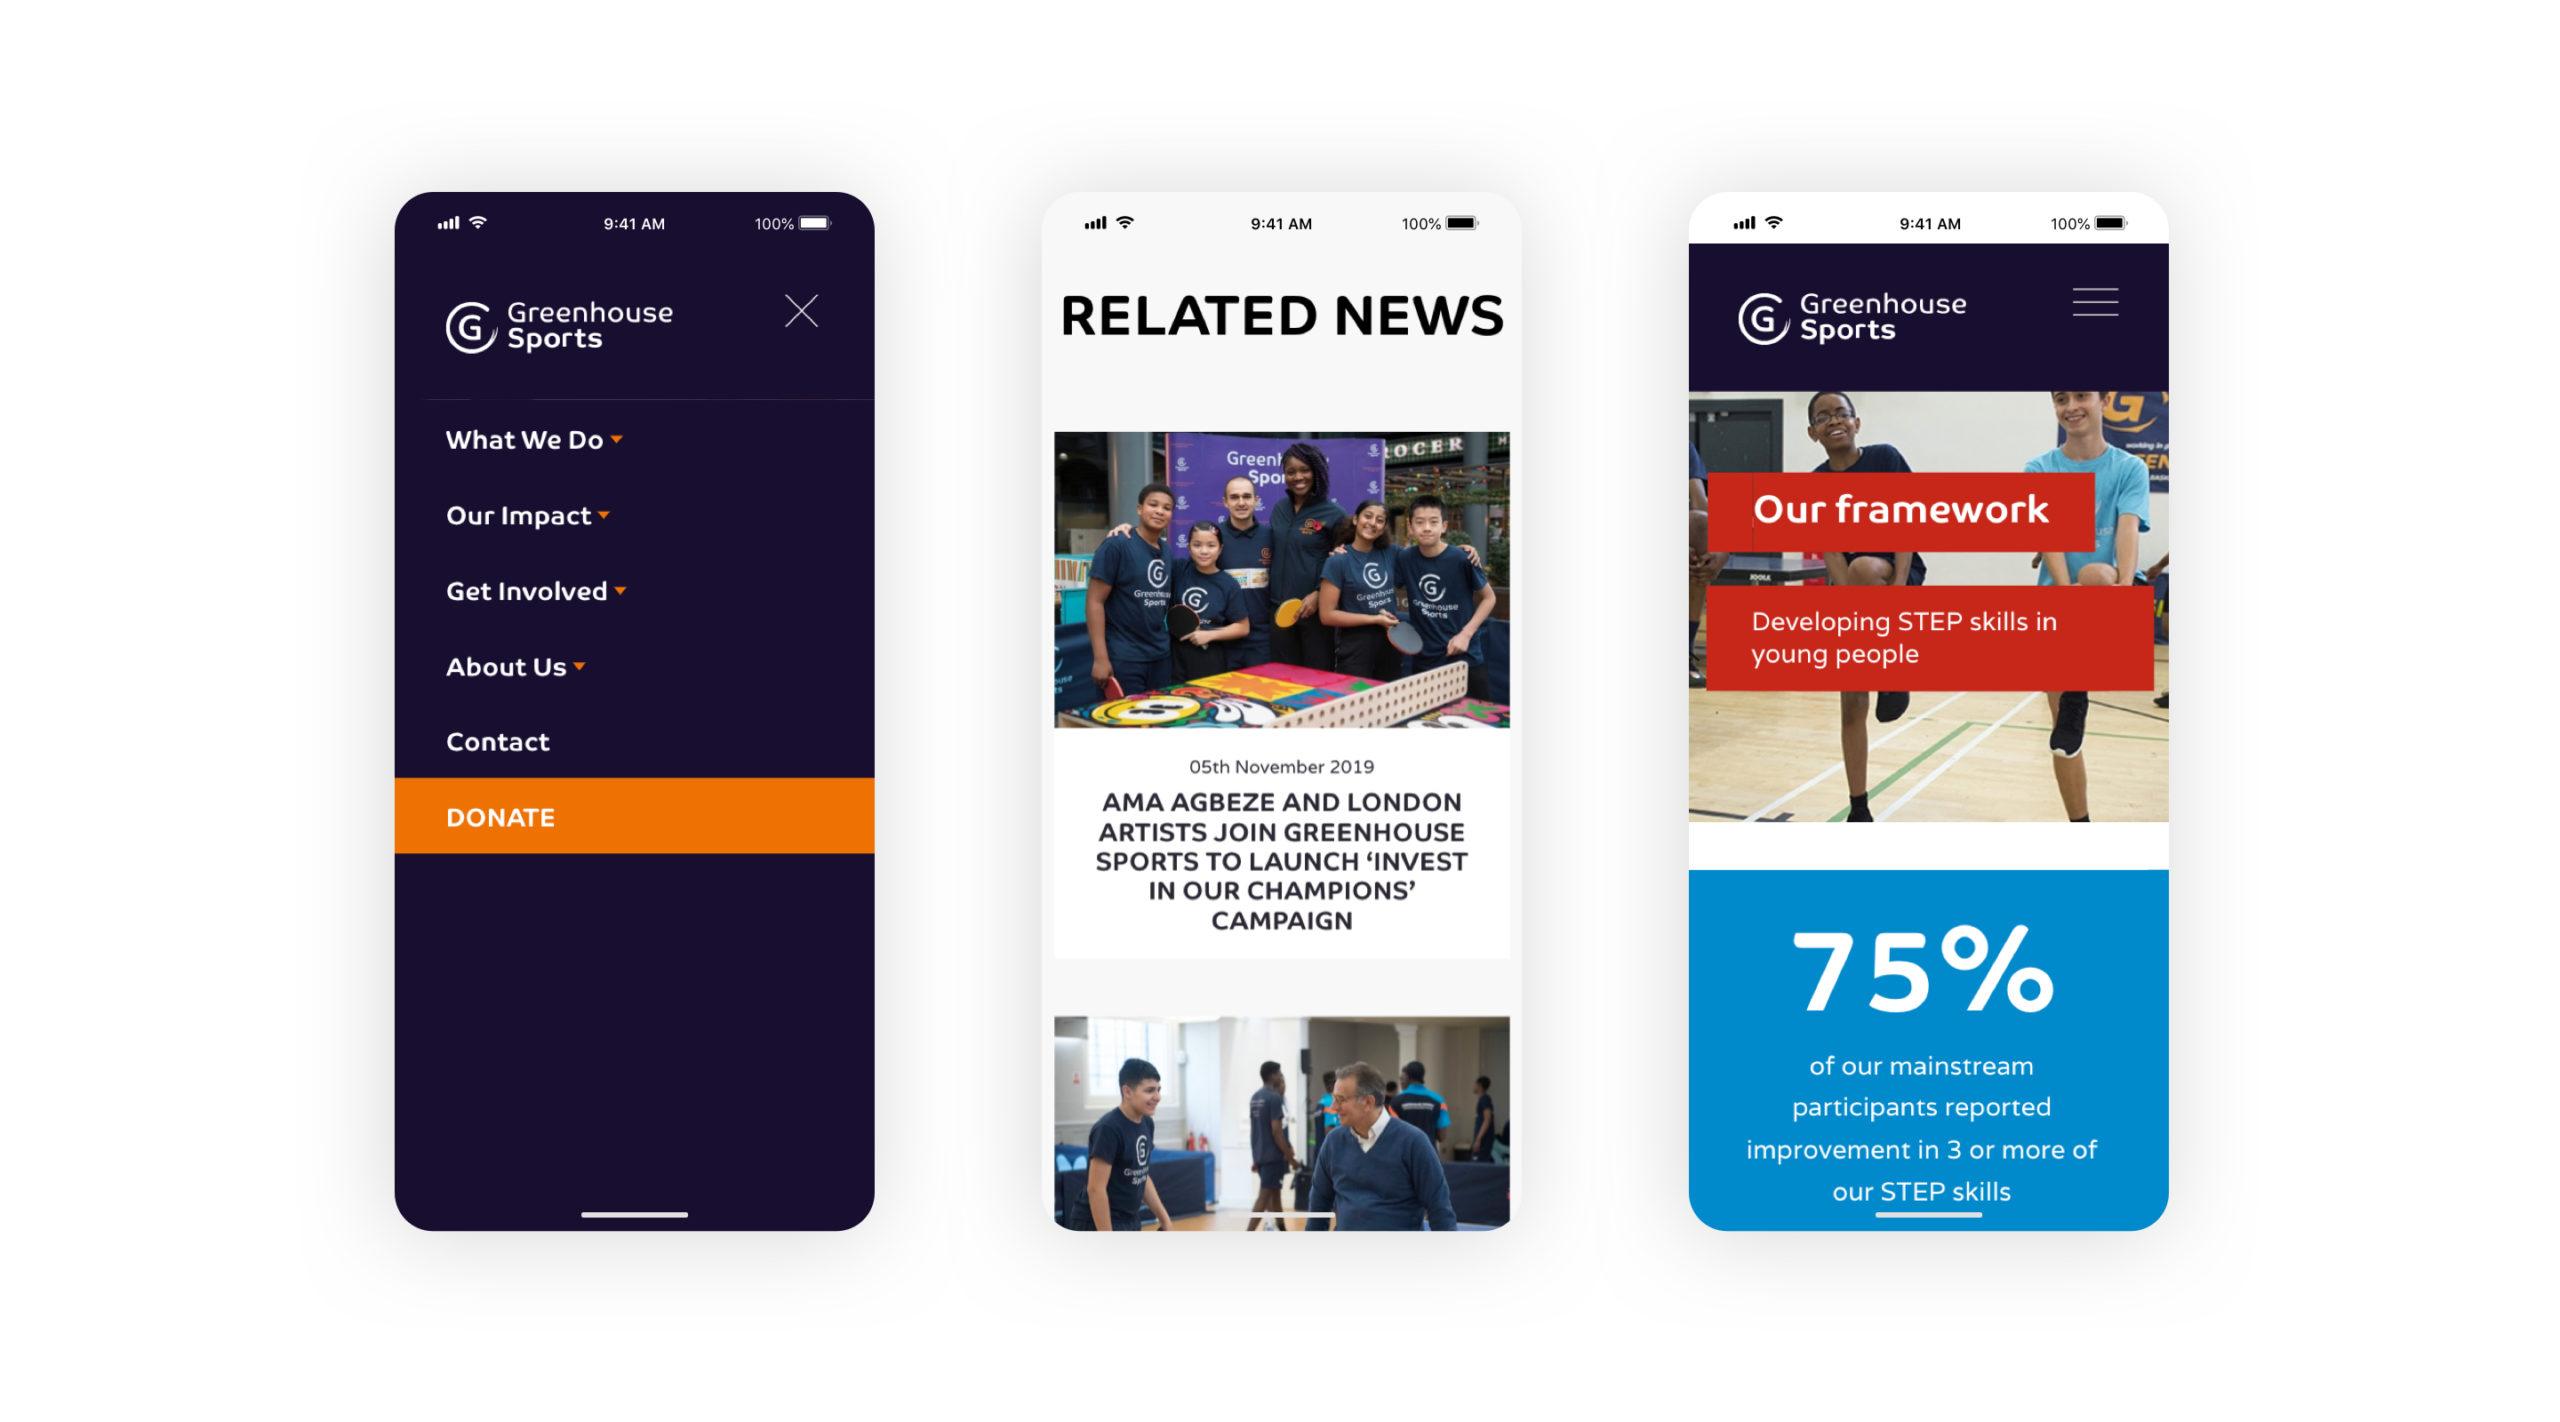 greenhouse sports charity homepage screenshot